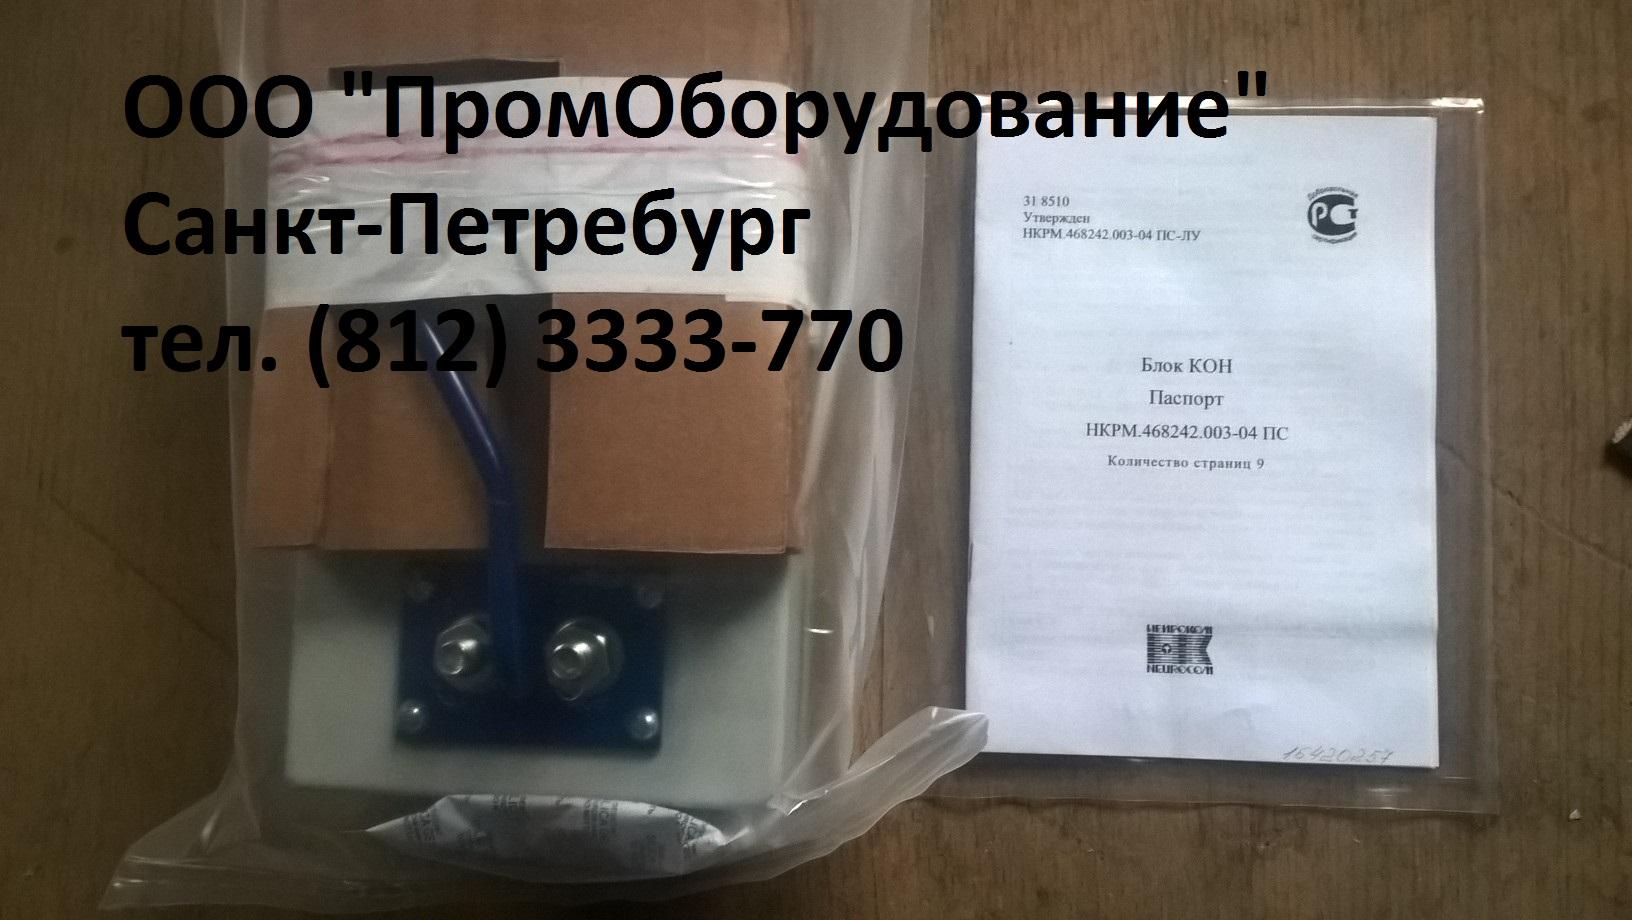 КОН НКРМ.468242.003-04